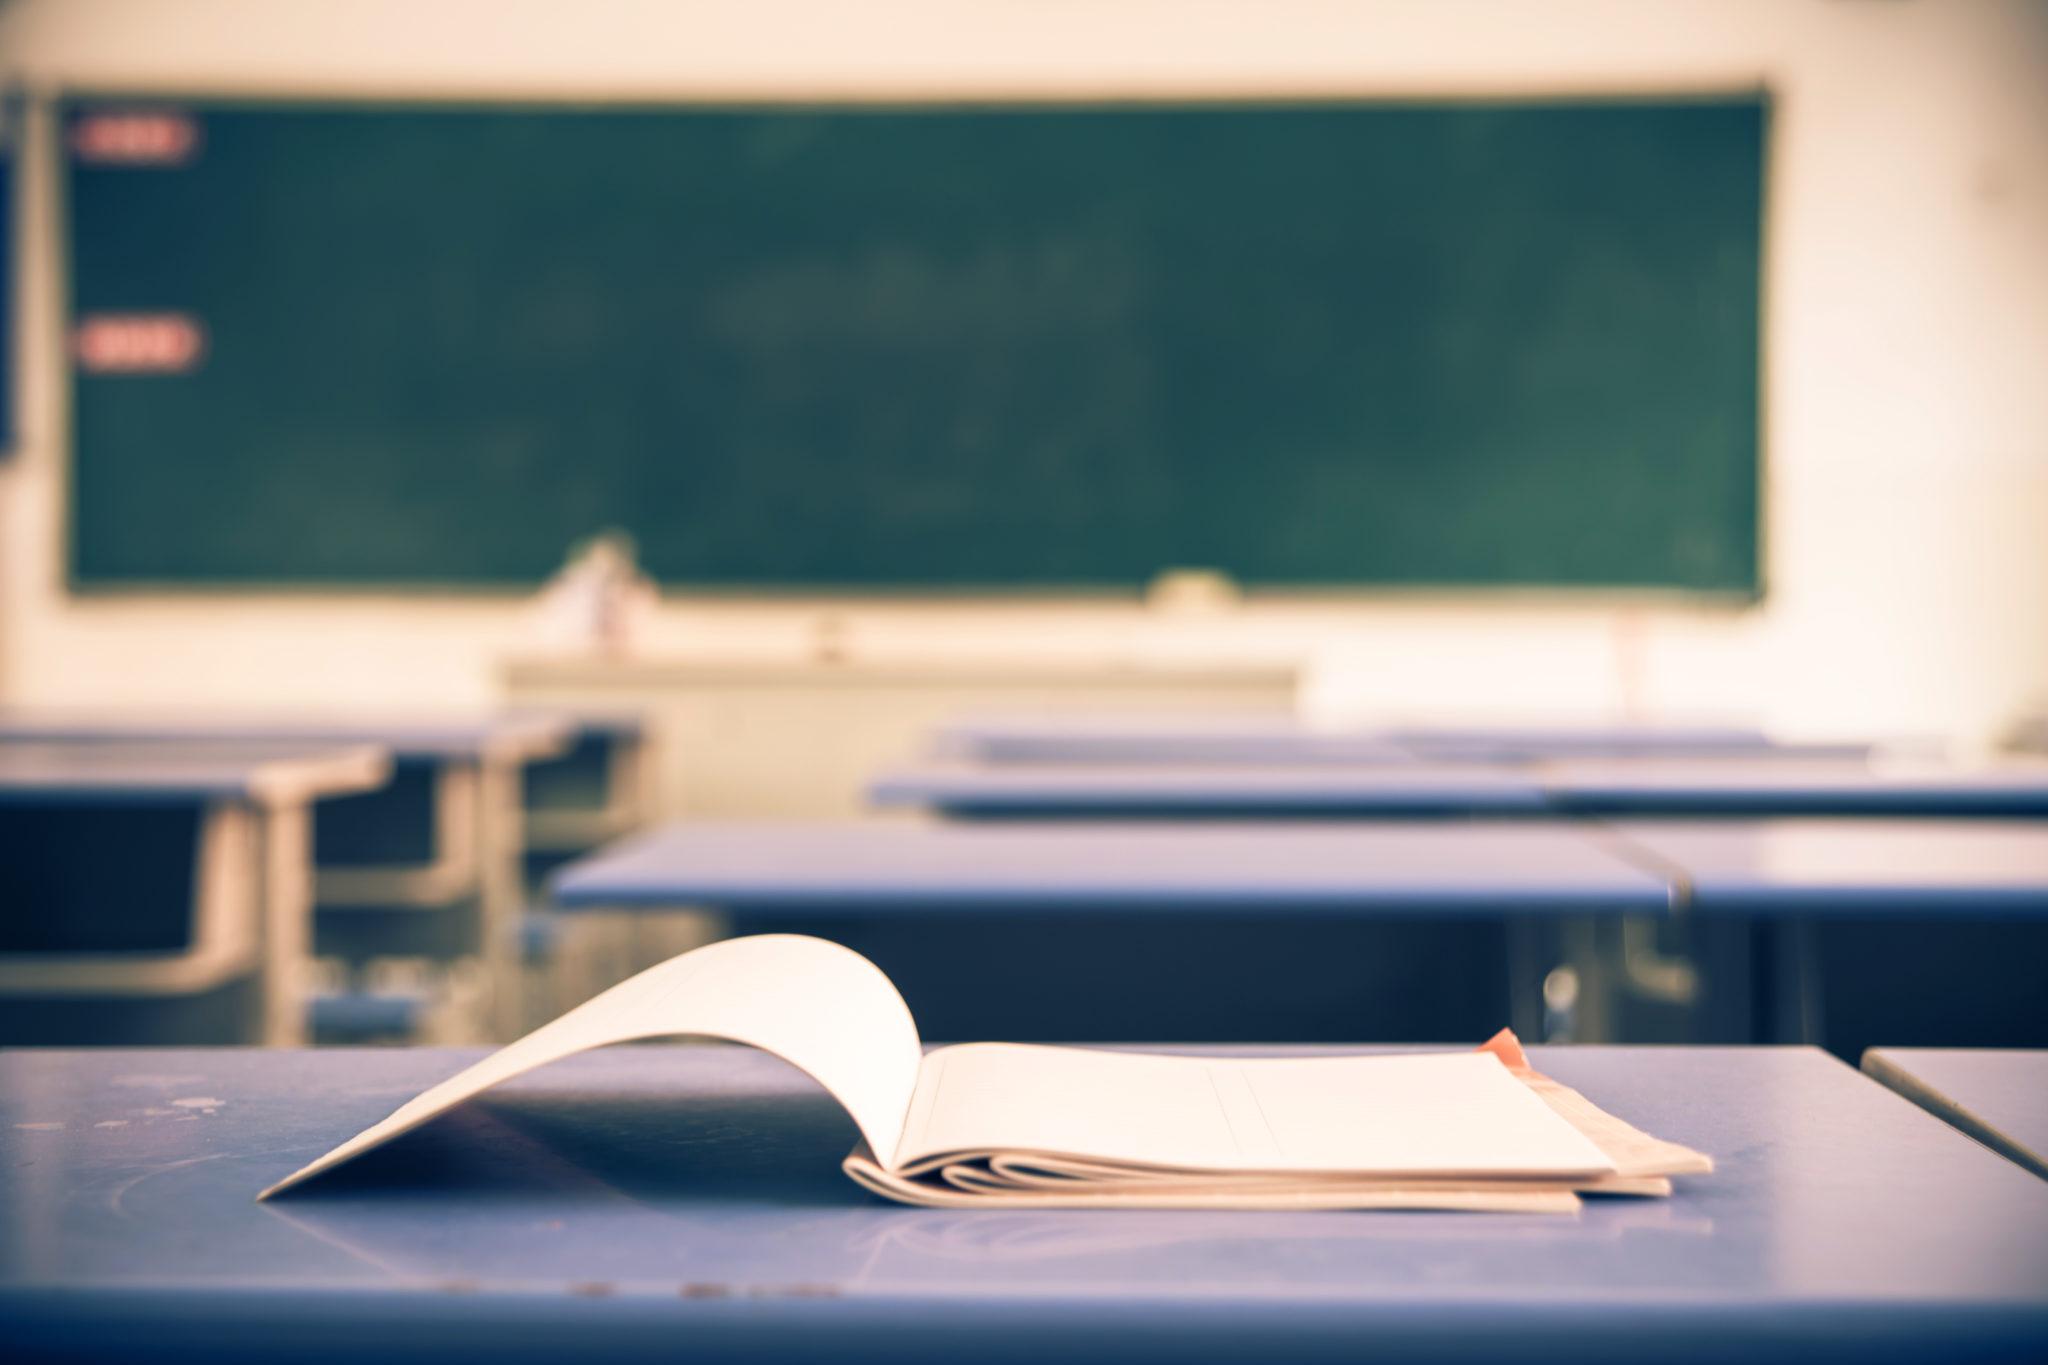 Trabajo de profesor de Francés, vacante de profesor en Madrid, enviar tu currículum a los colegios privados, empleo de profesor en Madrid - CVExpres